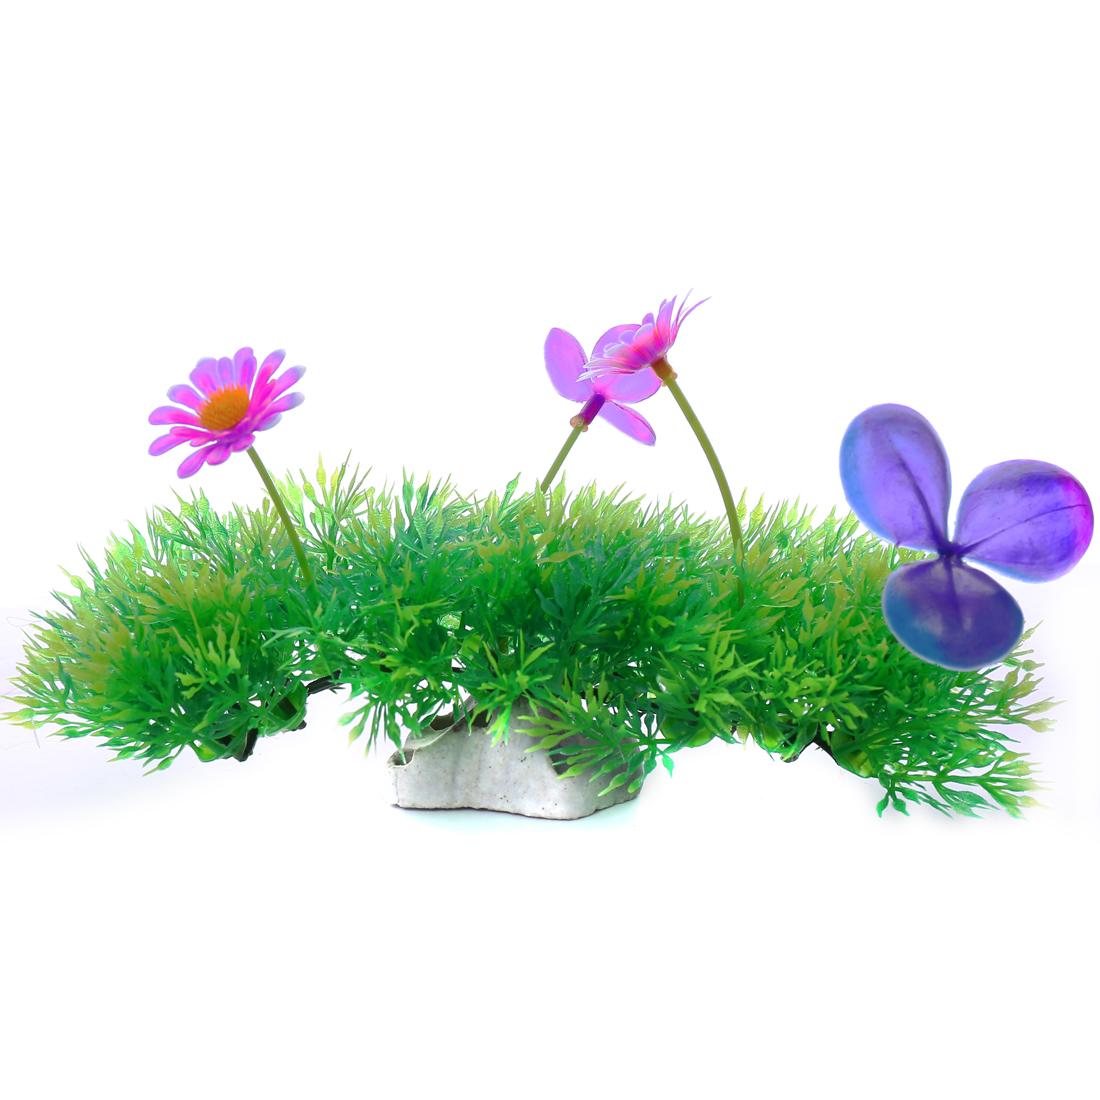 Pelouse verte avec Fleur colorée Plante plastique d'aquarium Ornement d'aquarium